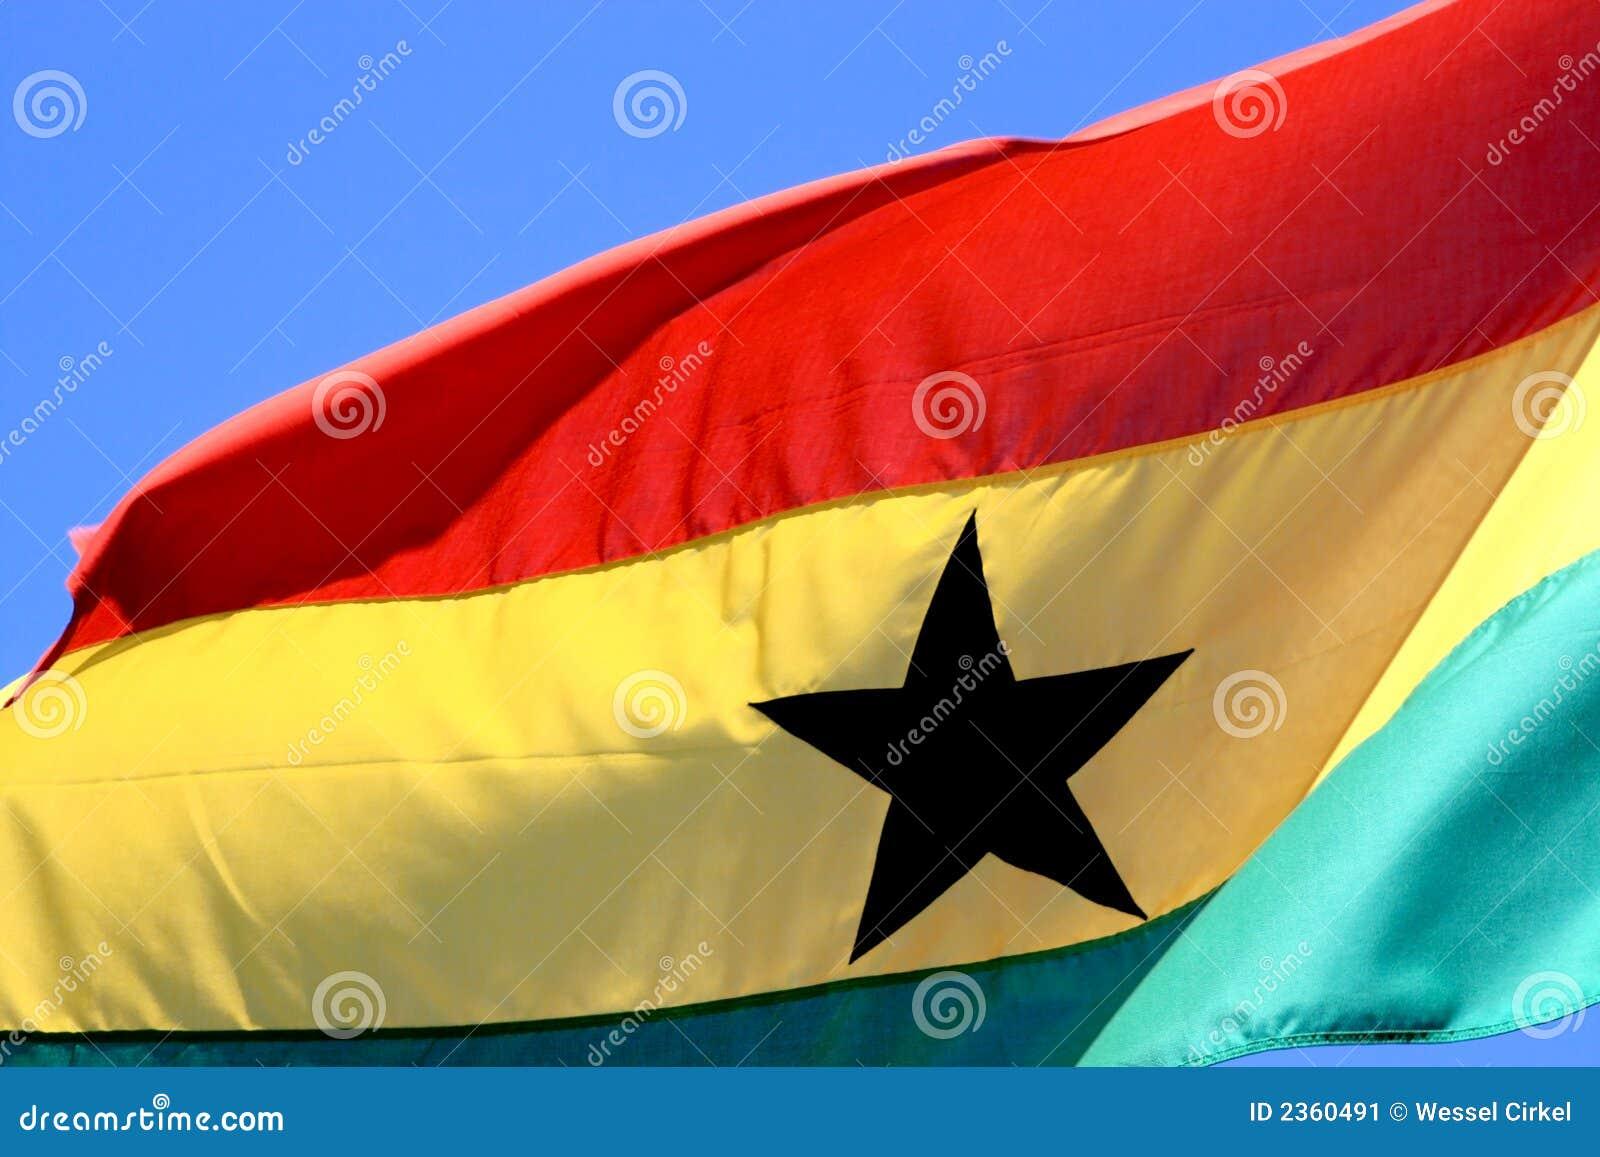 Flying Ghanese flag